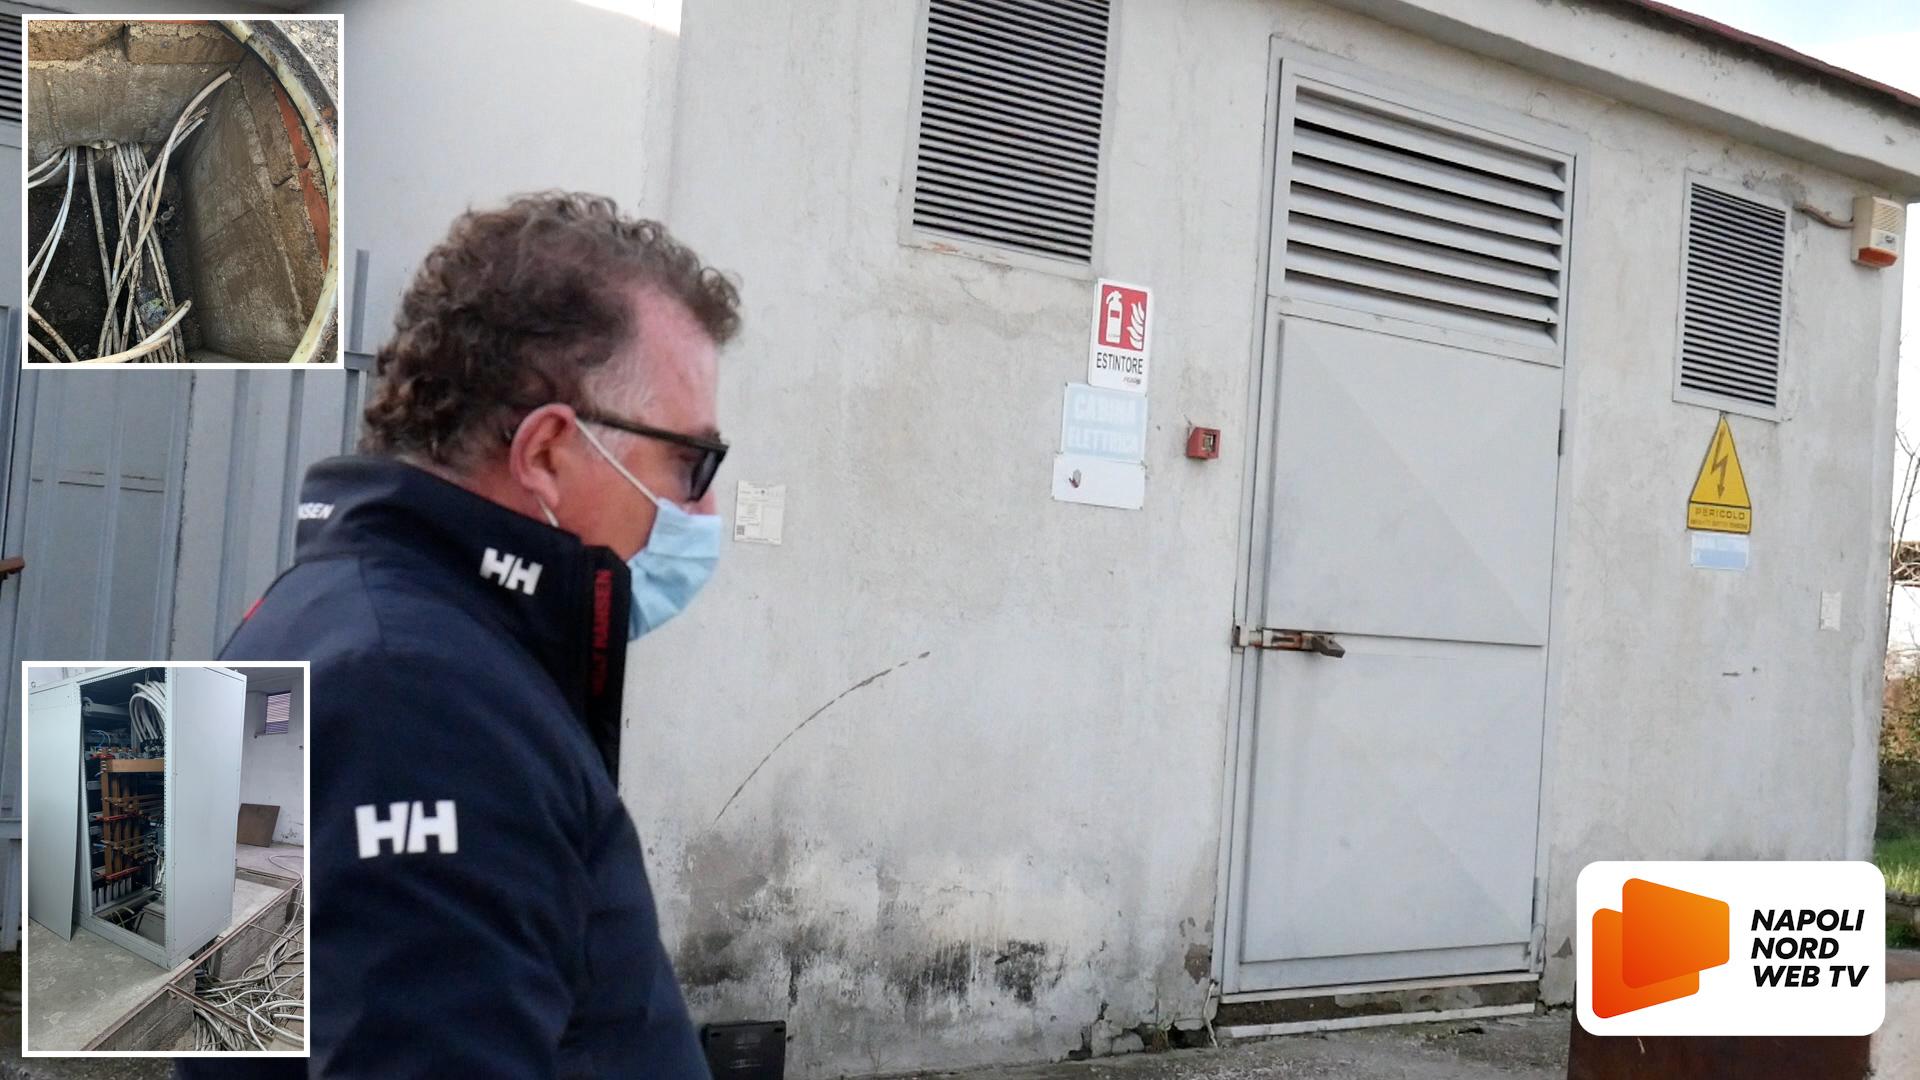 Raid alla zona Asi di Giugliano, furto di cavi elettrici nell'azienda Carafa: danni per 100mila euro VIDEO